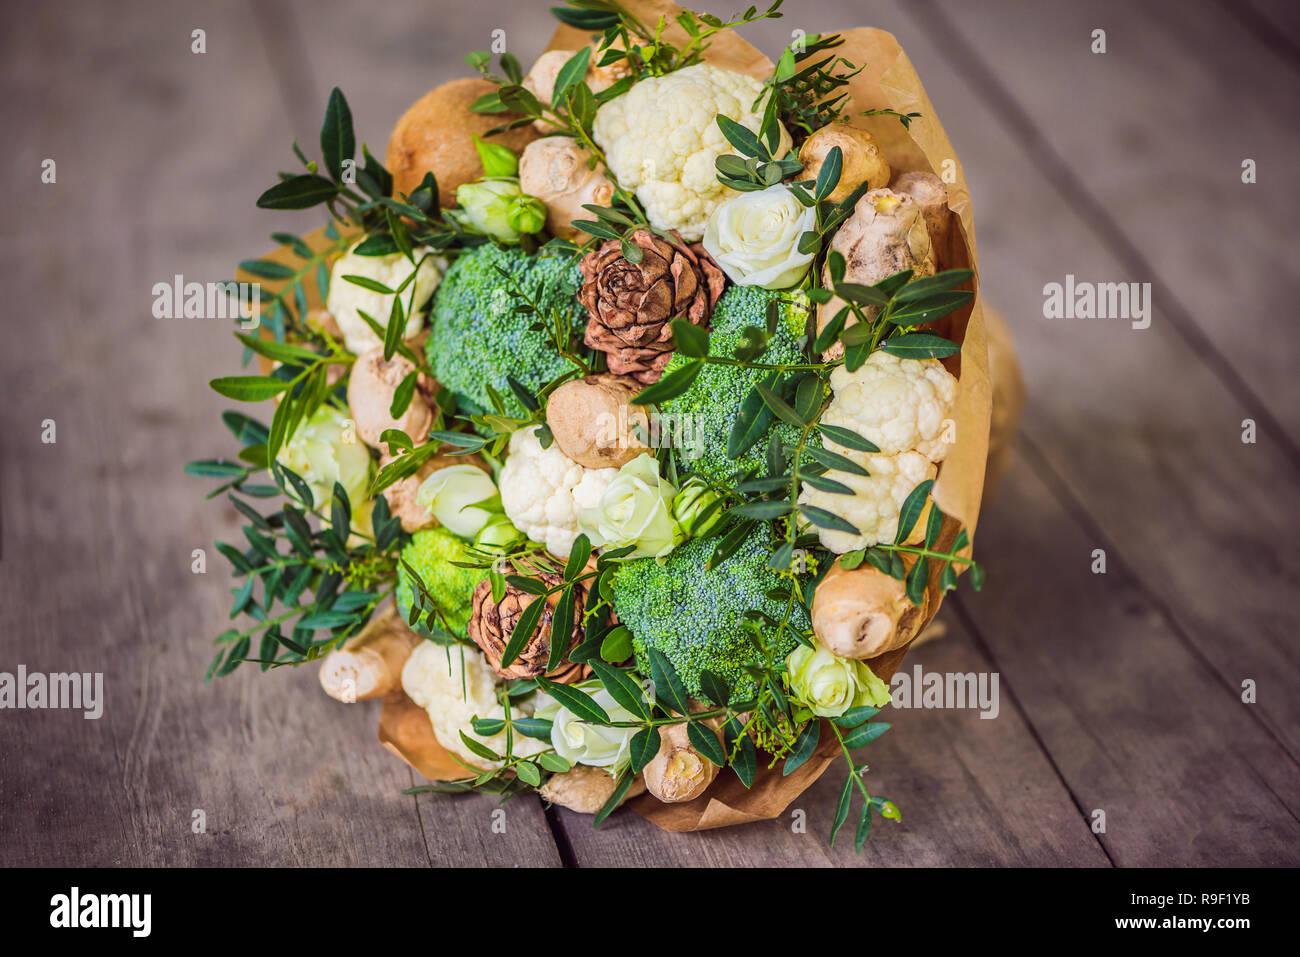 Blumenstrauss Aus Gemuse Und Obst Nutzliches Geschenk Fur Einen